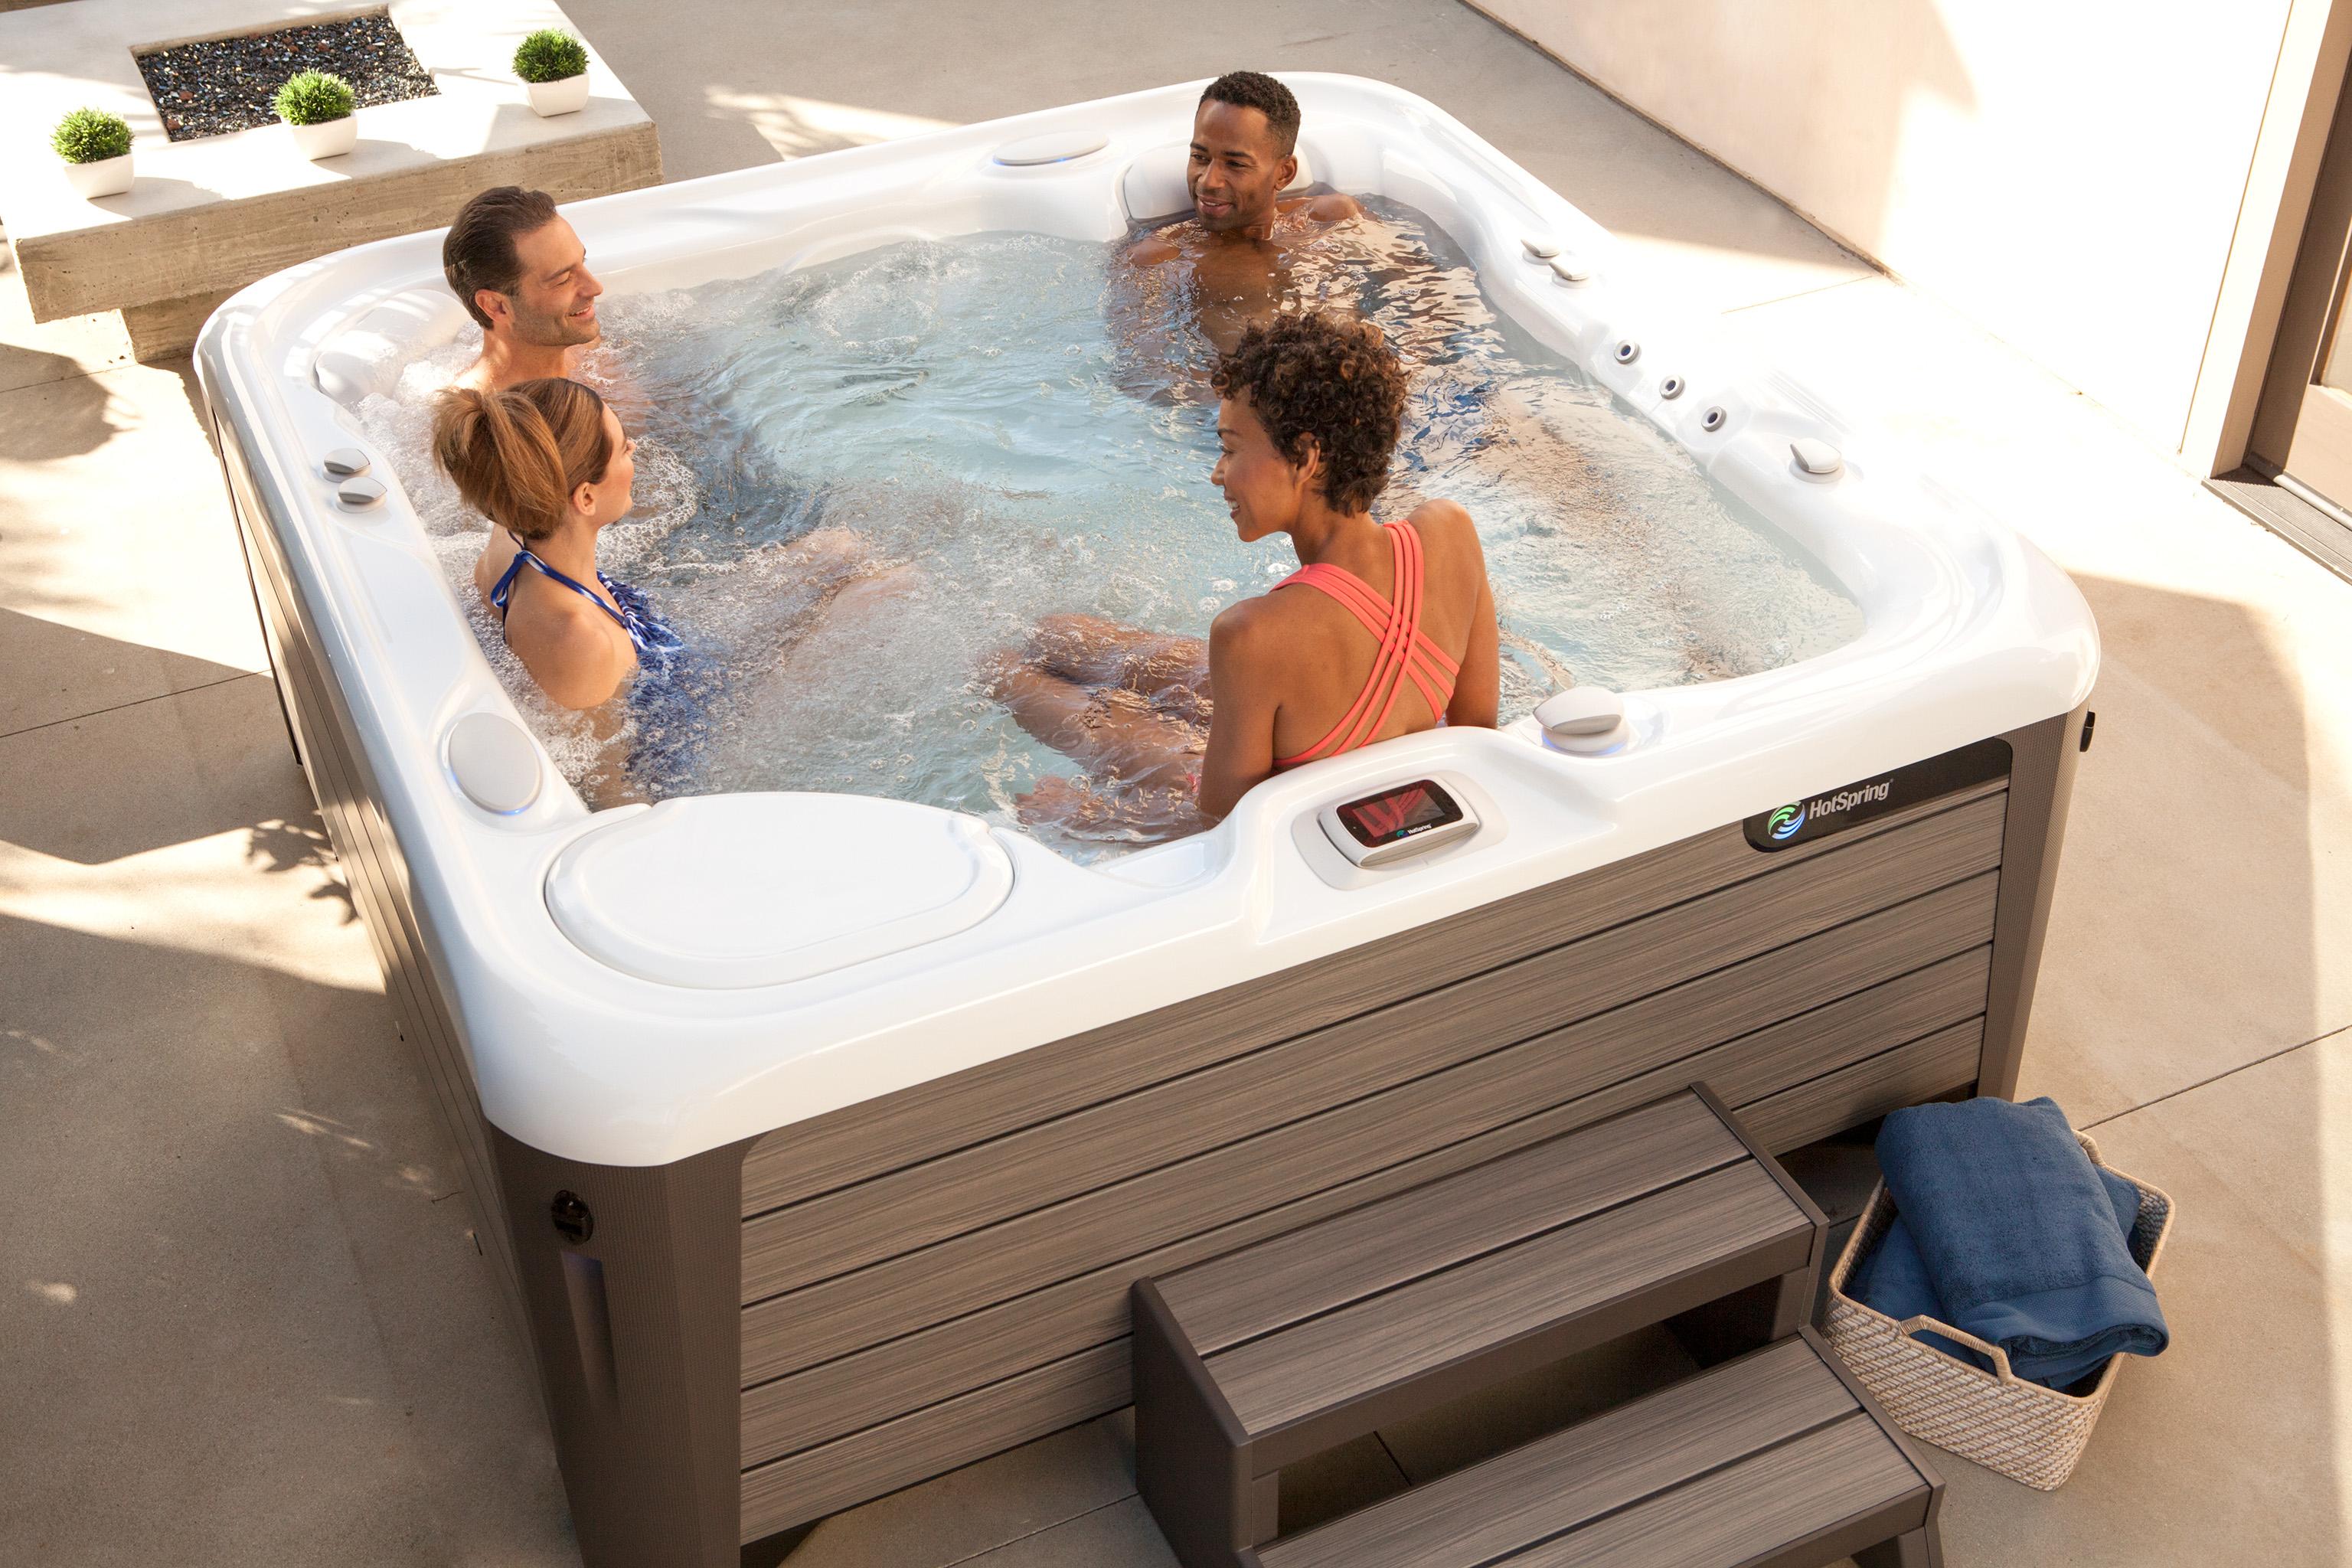 How Big Should My Hot Tub Be?